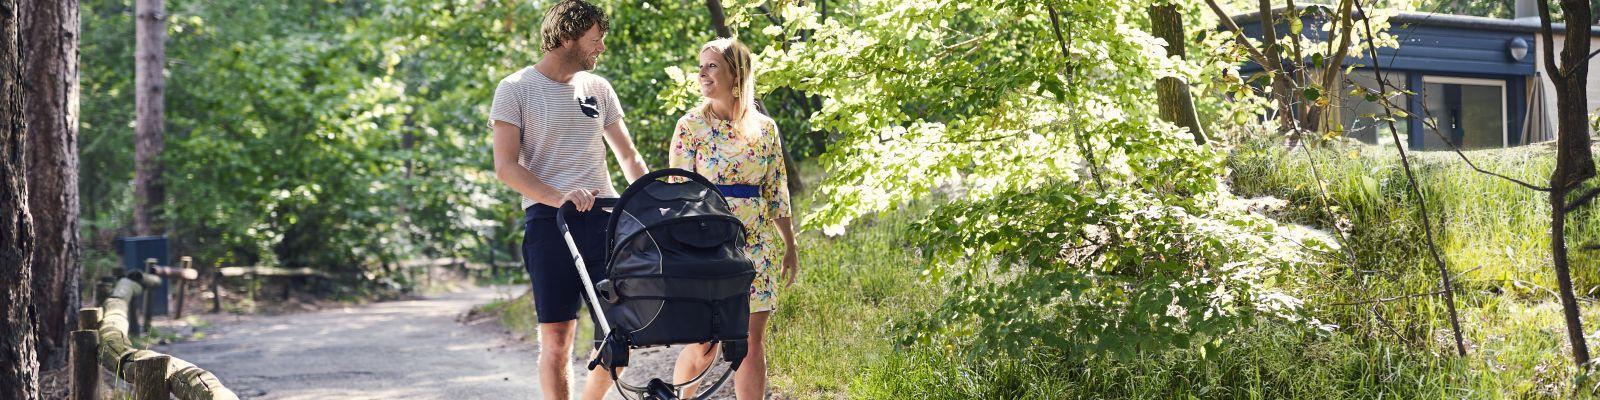 vacances avec bébé